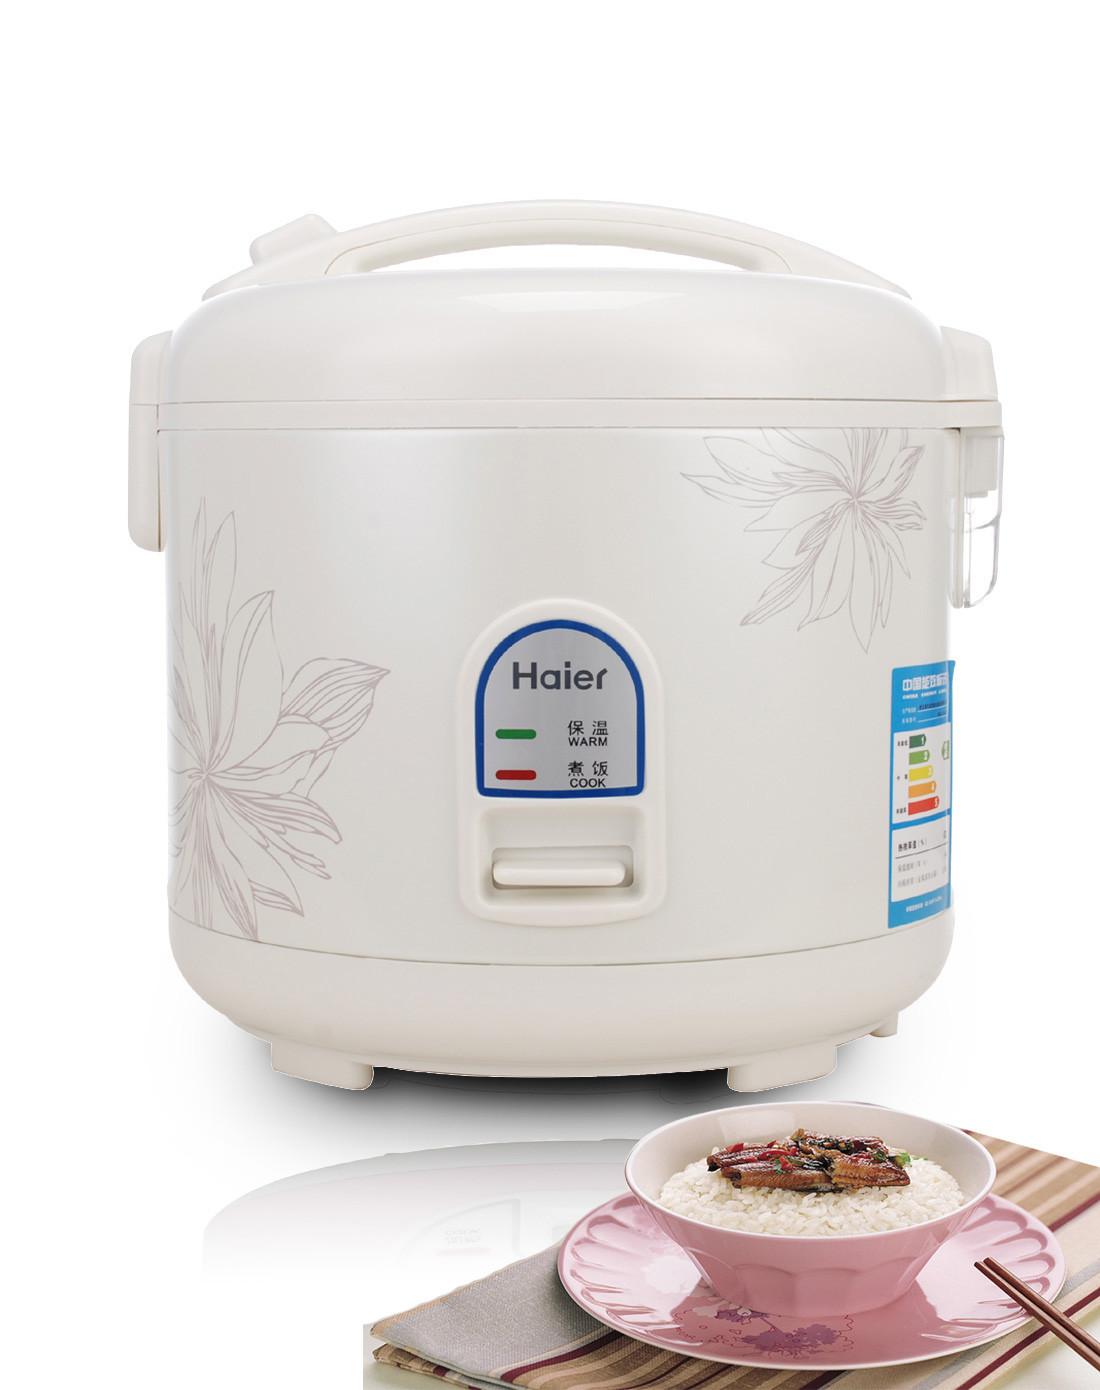 海尔 圆形煲机械式 hrc-yj308电饭煲